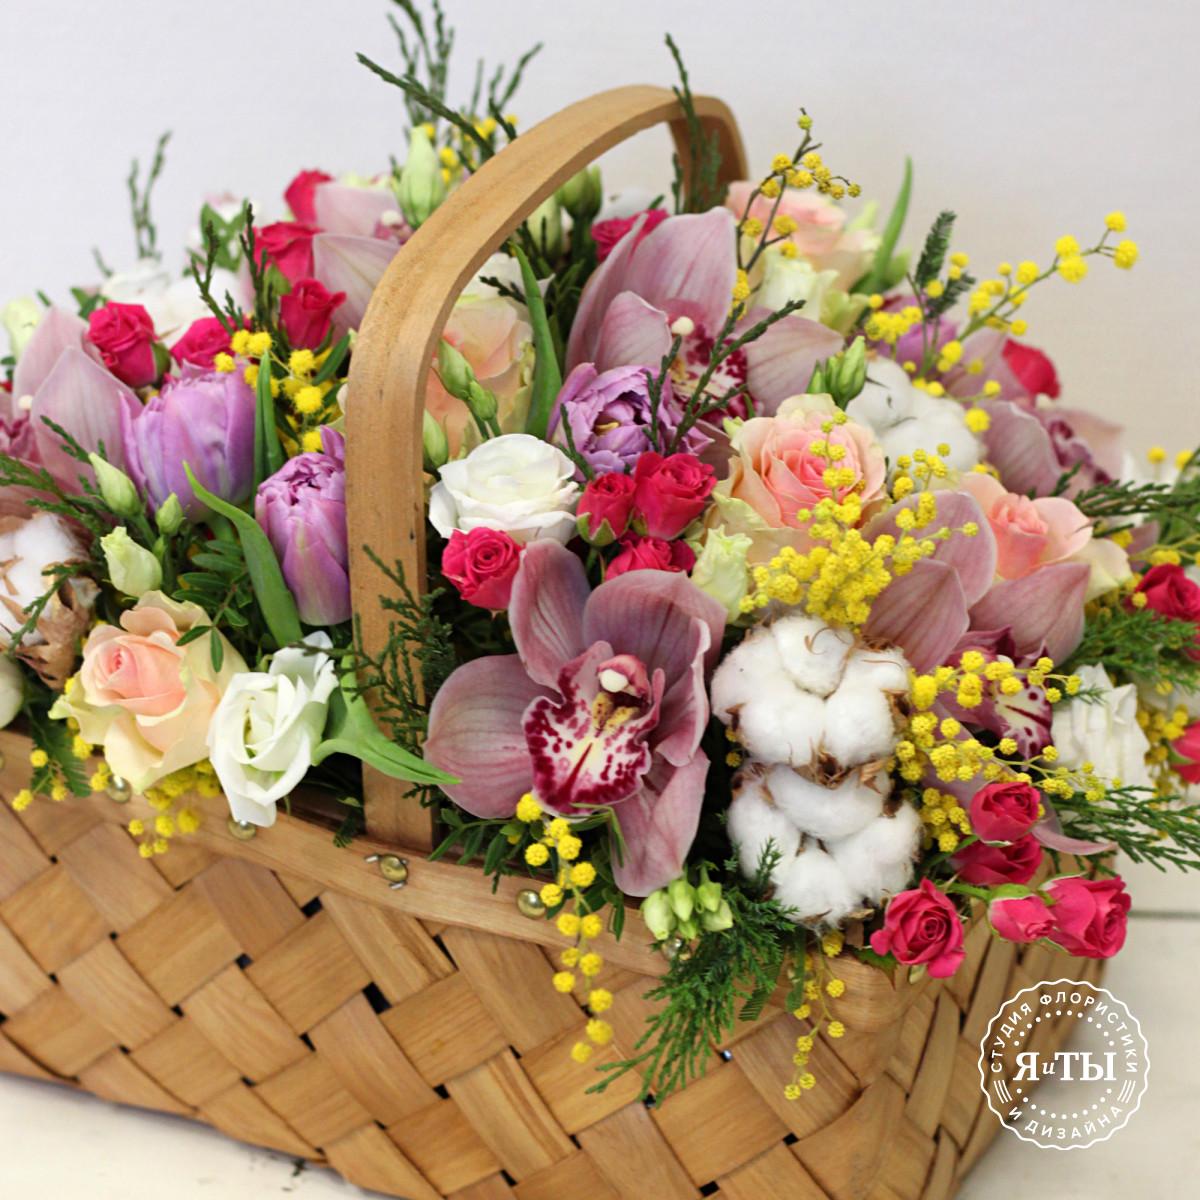 Весенняя корзина с орхидеями и мимозой